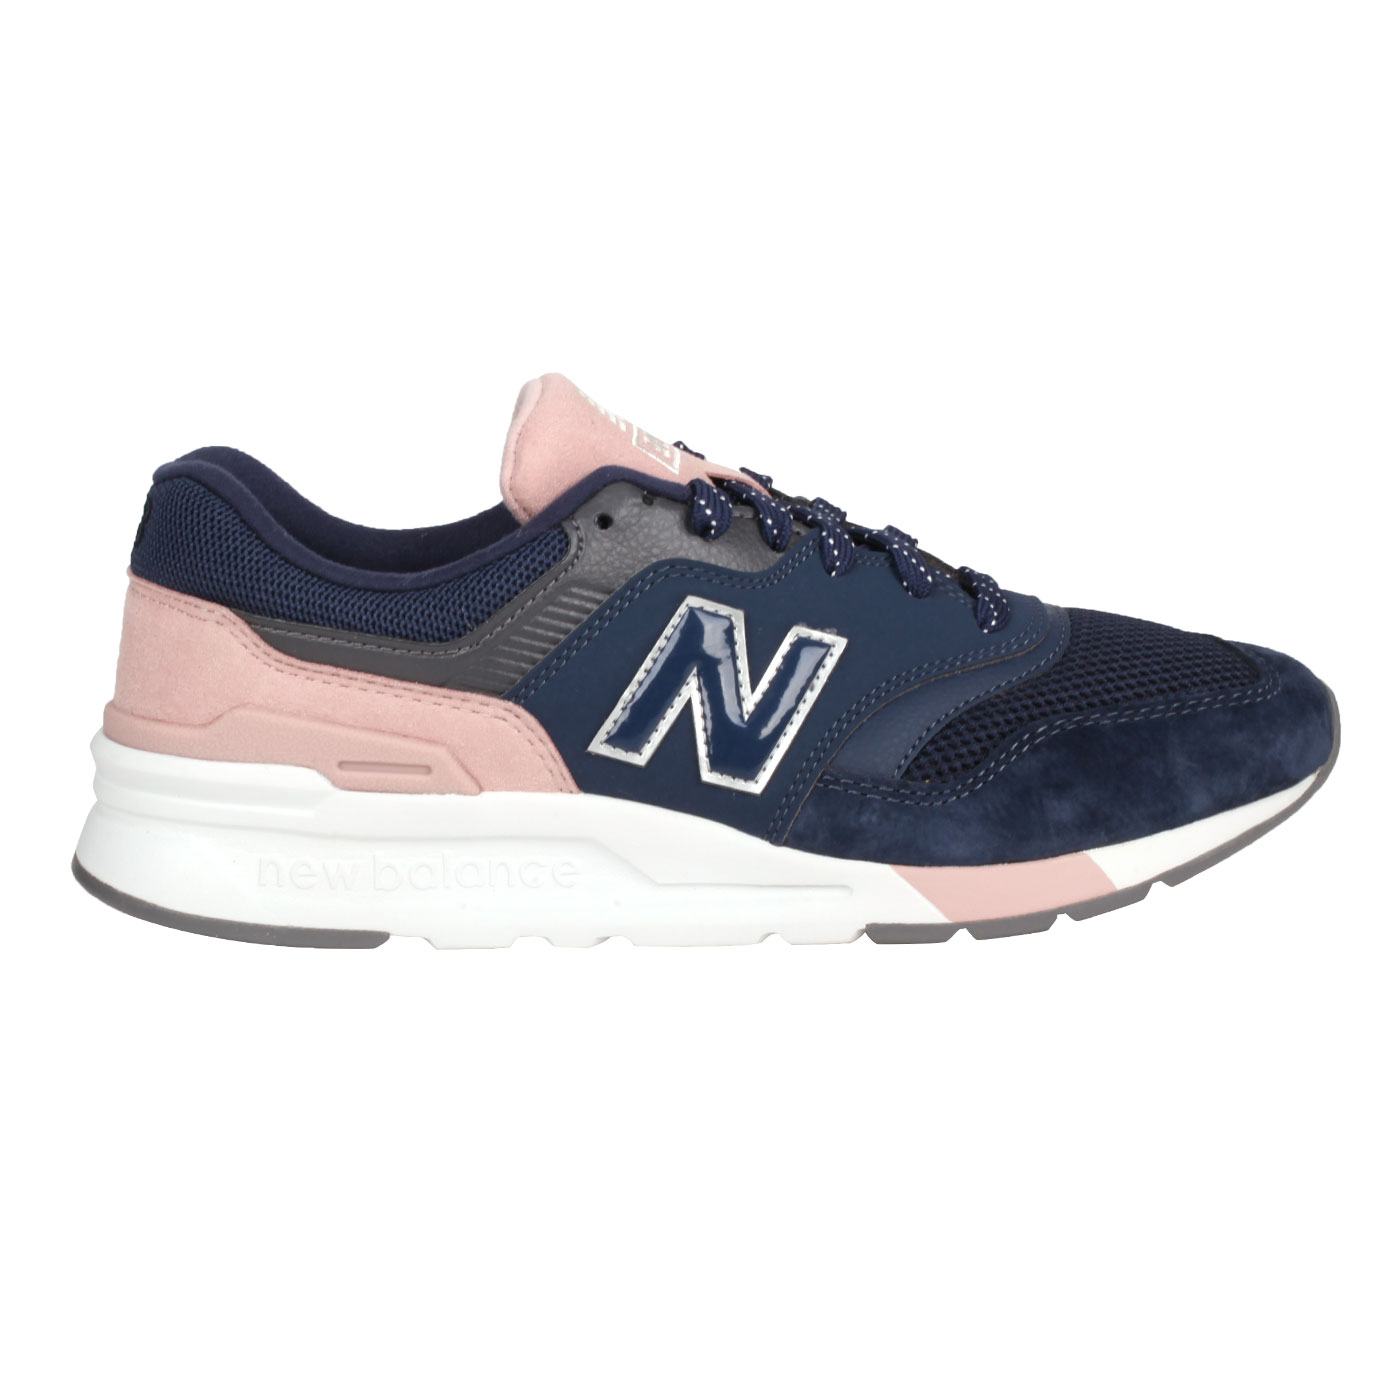 NEW BALANCE 女款復古慢跑鞋 CW997HYA